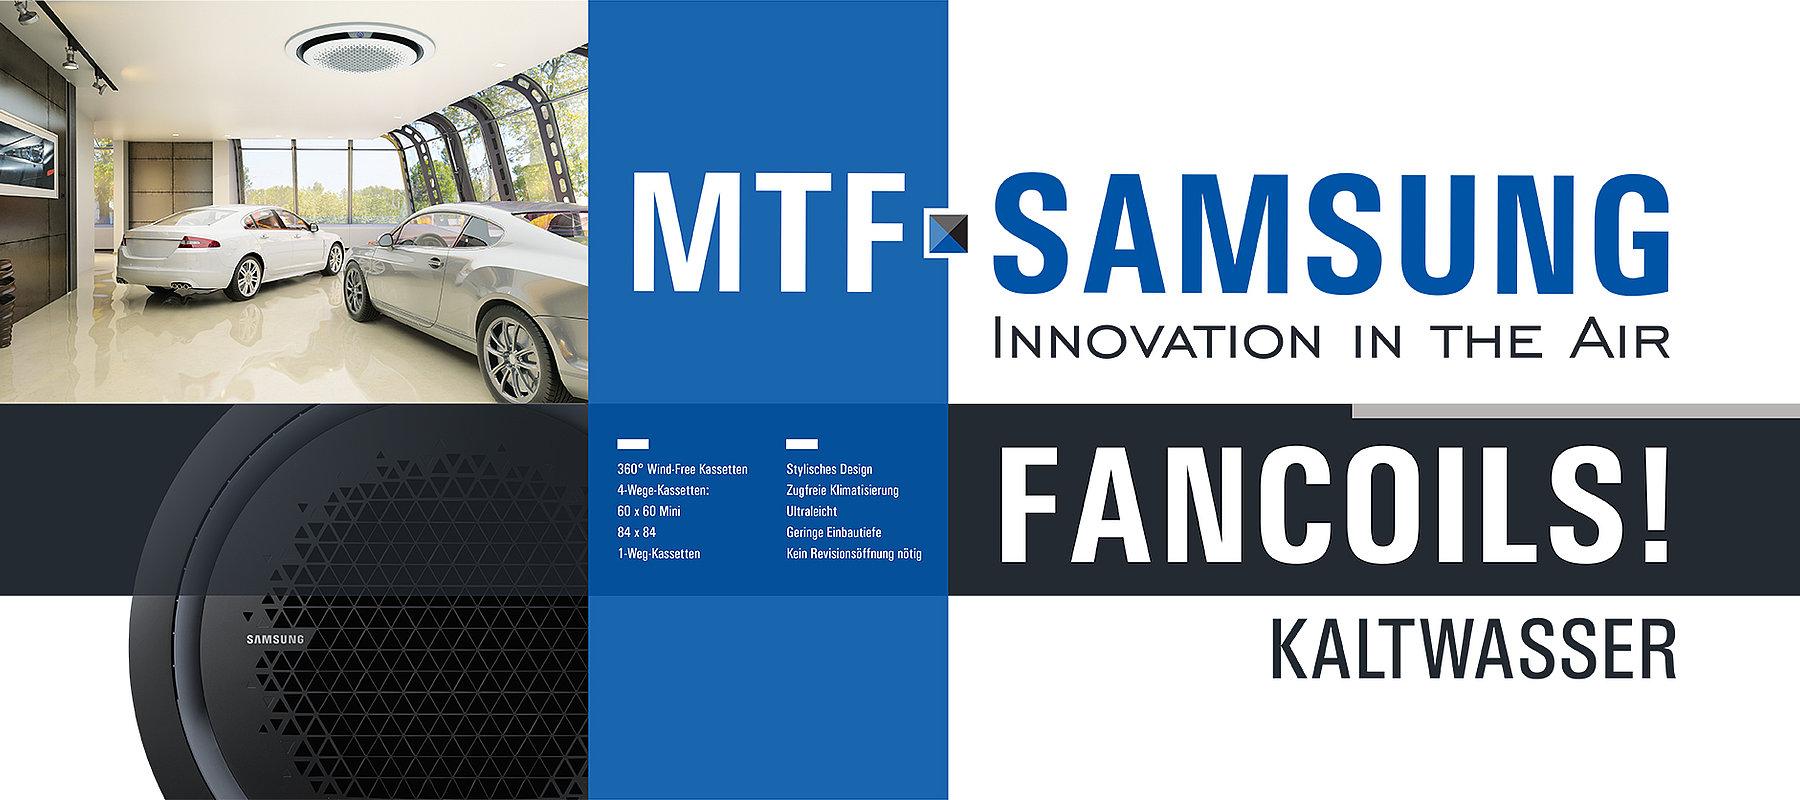 MTF Samsung - Fancoils